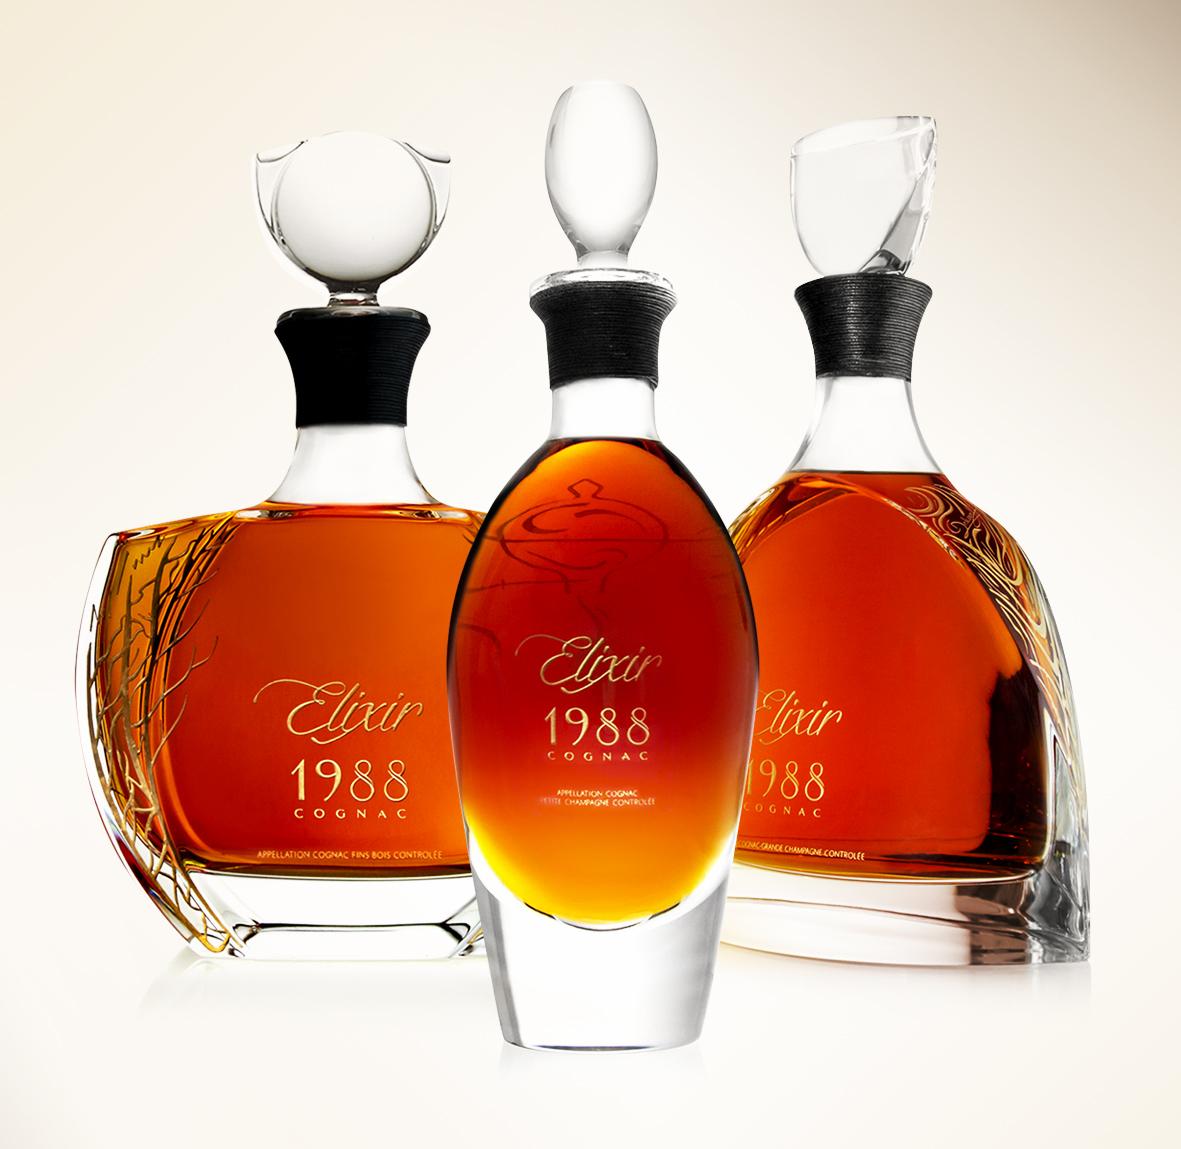 ELIXIR 1988 - Cognac